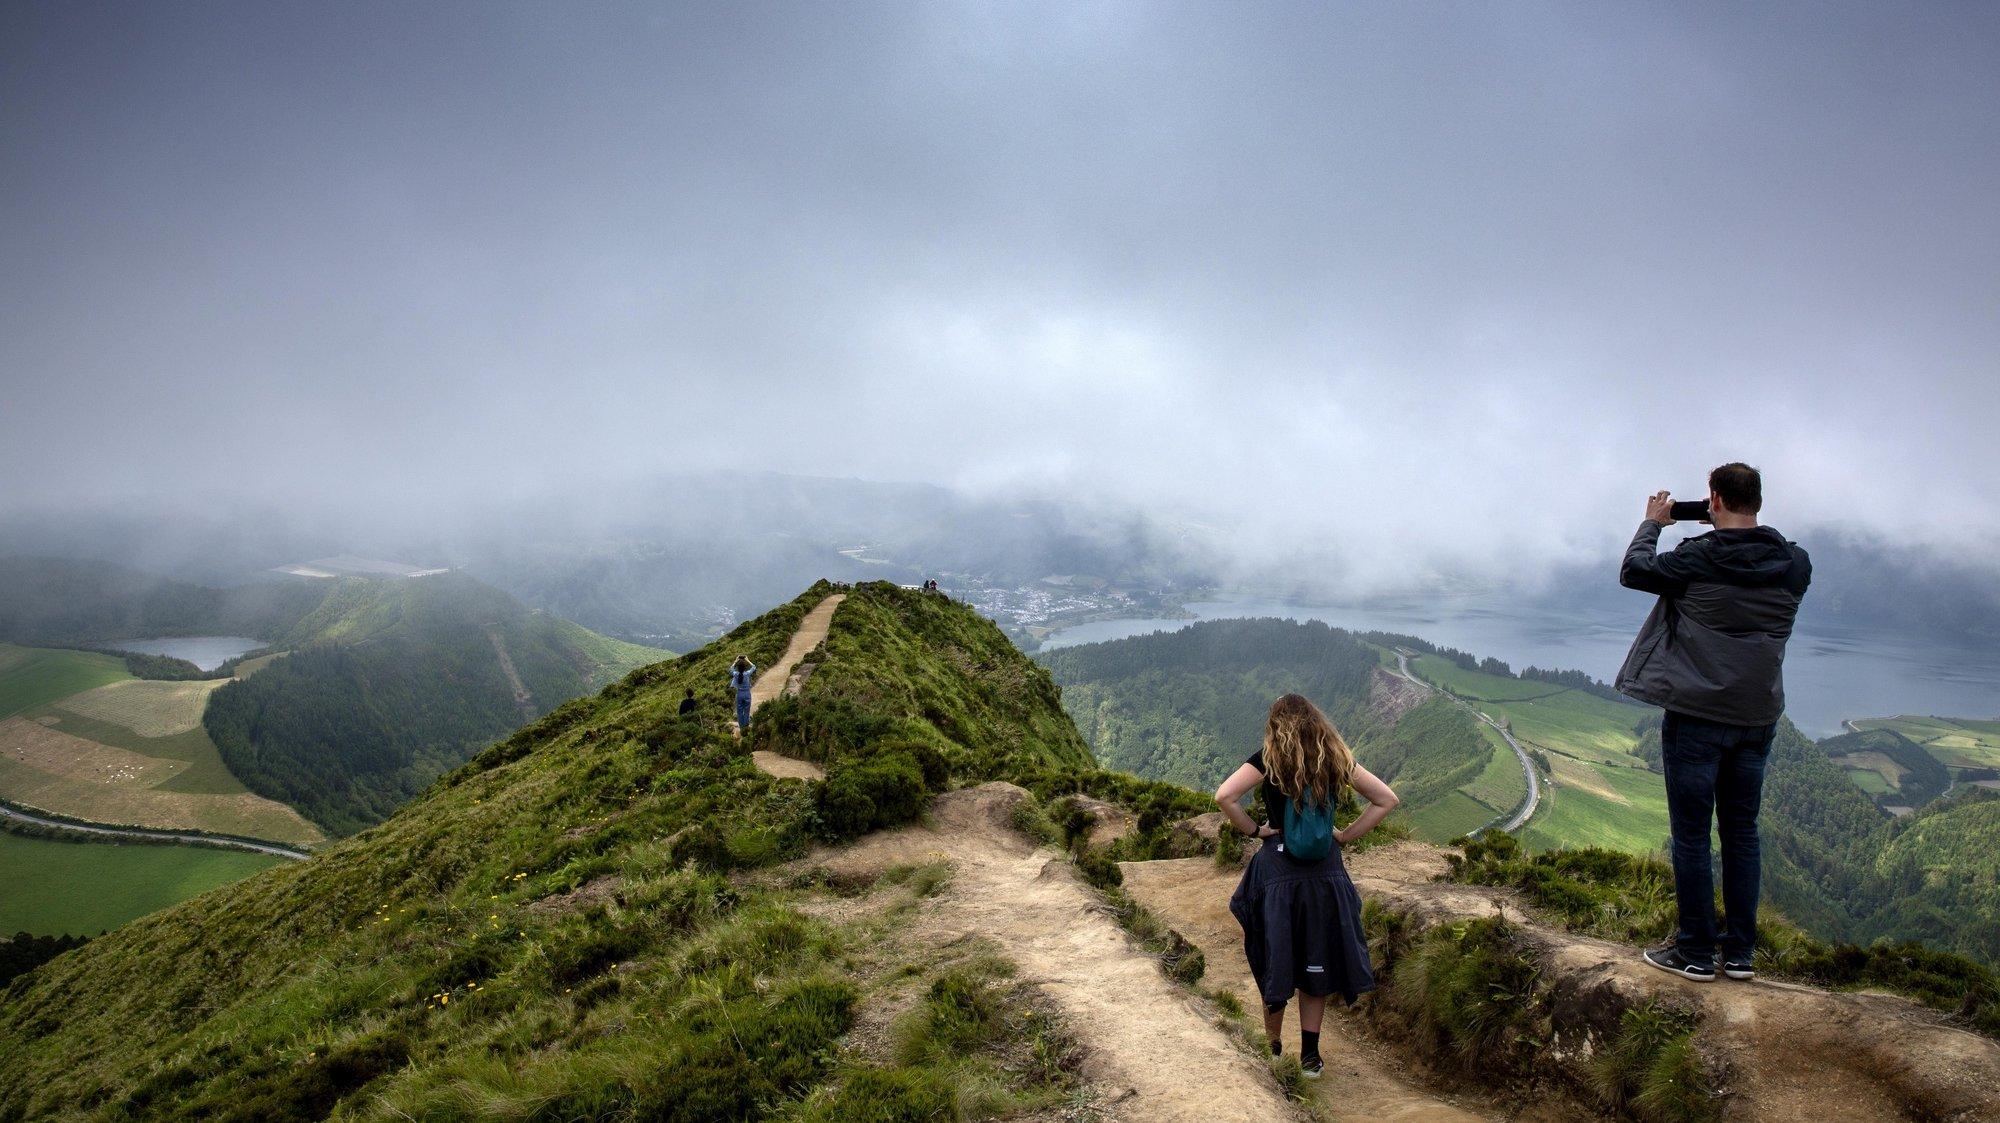 Turistas visitam a Lagoa das Sete Cidades, Ilha de São Miguel, Açores, 15 de junho de 2021. A Região Autonóma dos Açores promove a região como destino de férias seguras com a oferta de testes gratuitos à covid-19. Mais de um ano desde a pandemia da Covid 19, o setor do turismo já nota uma retoma mas que não se assemelha aos anos pré-pandemia. (ACOMPANHA TEXTO DE 17/06/2021) EDUARDO COSTA/LUSA